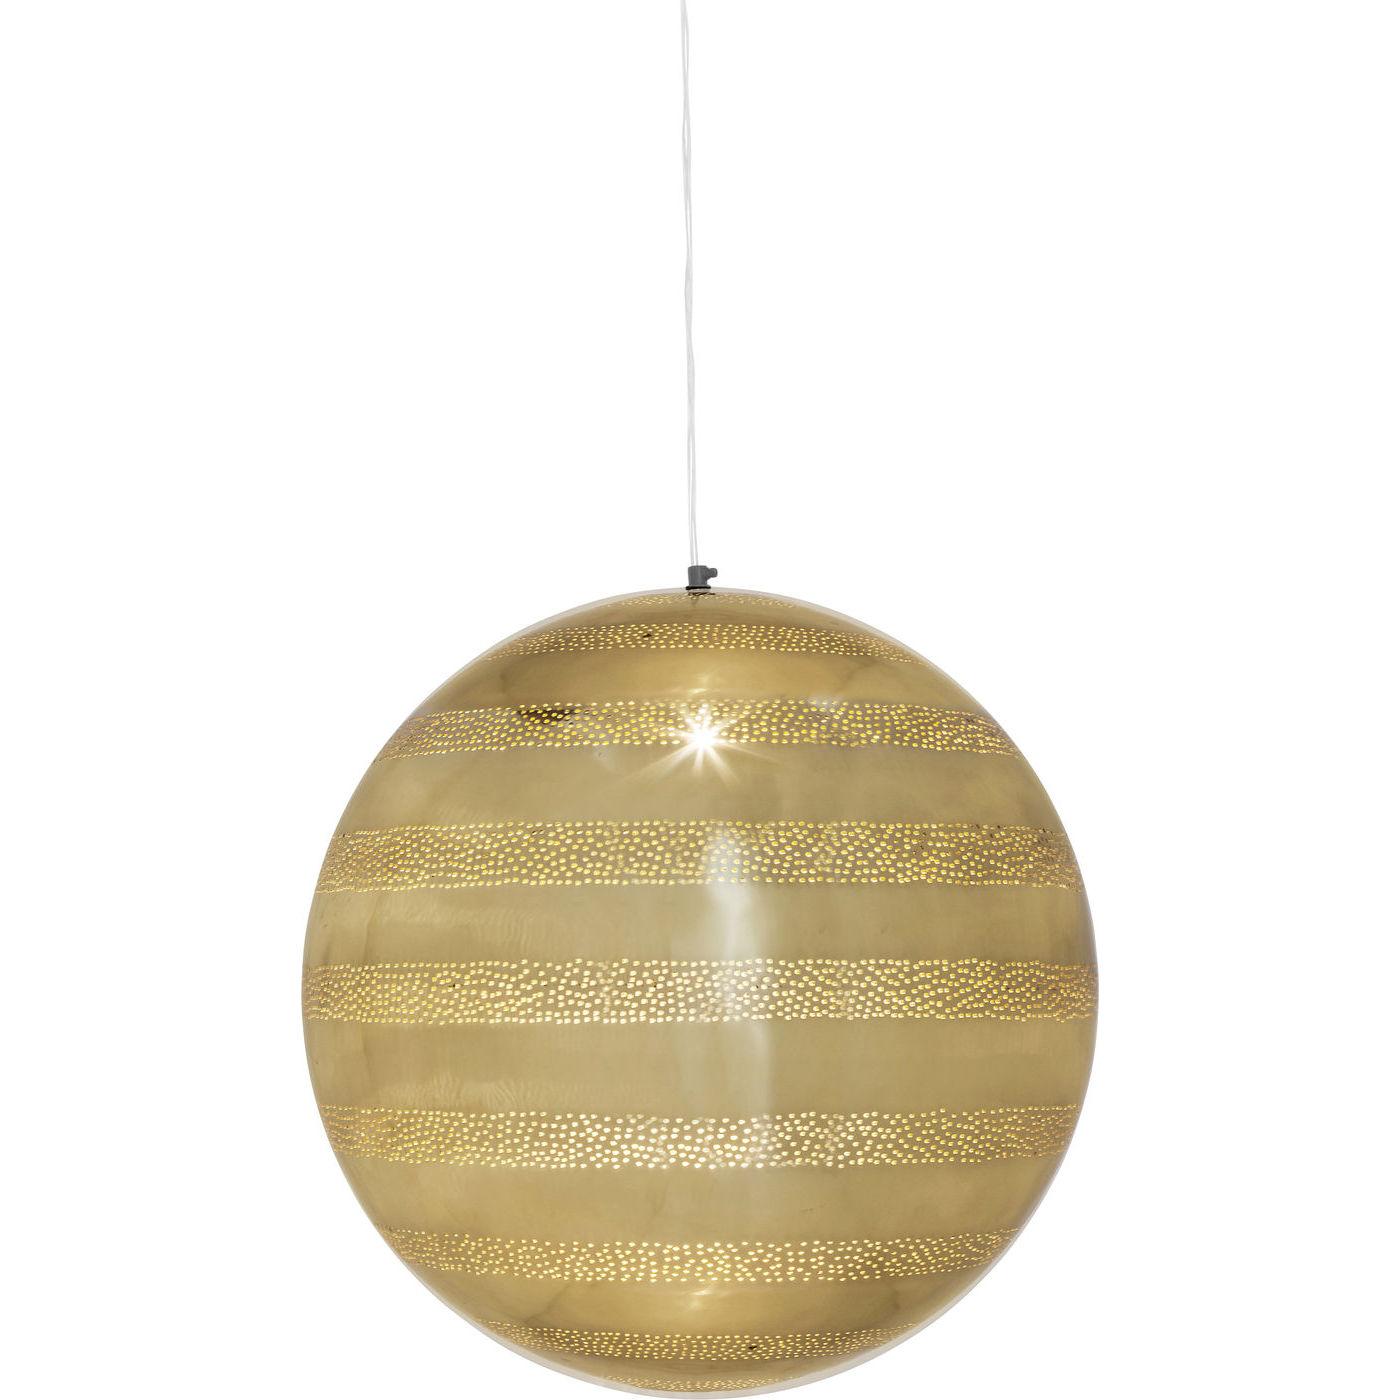 Billede af Kare Design Loftslampe, Stardust Shiny